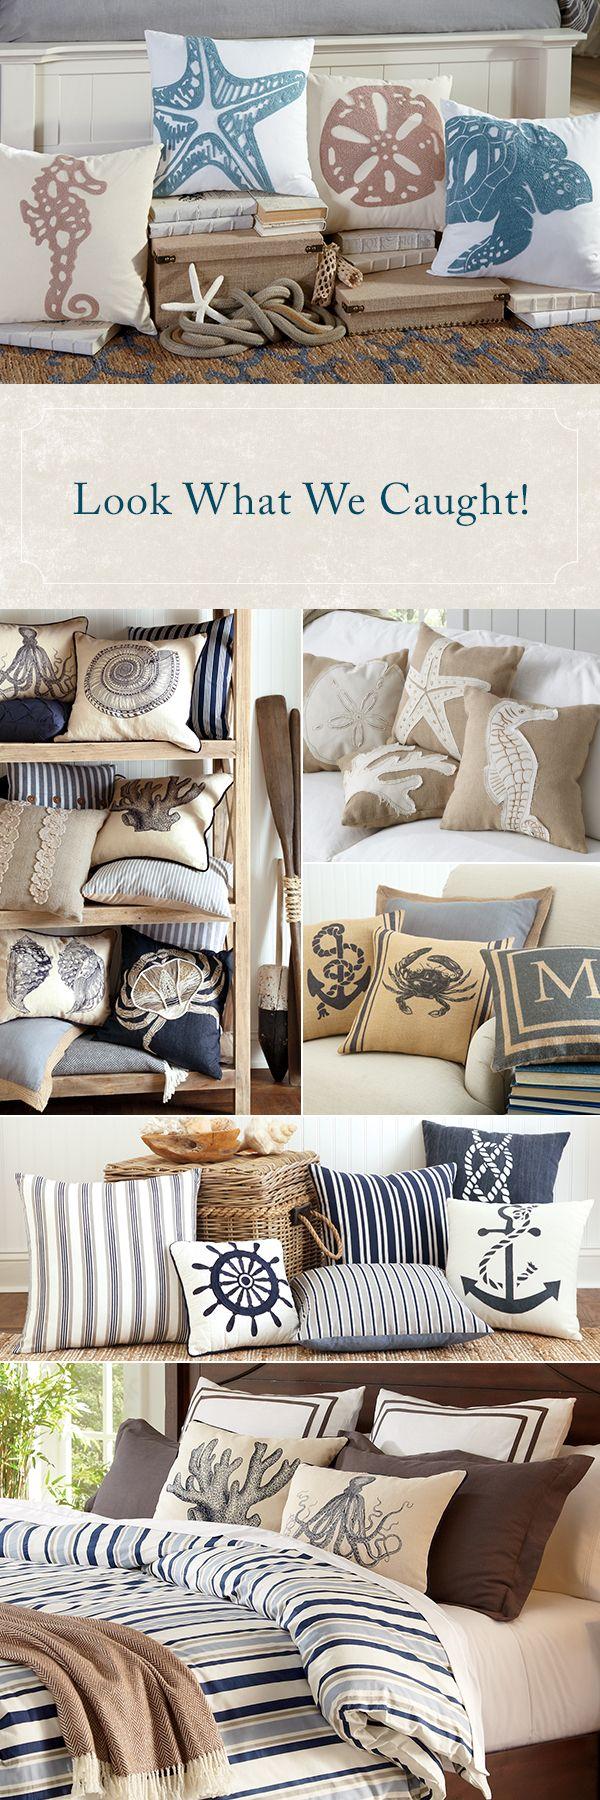 best 25 making throw pillows ideas on pinterest diy pillow cases diy throw pillows and pillow covers